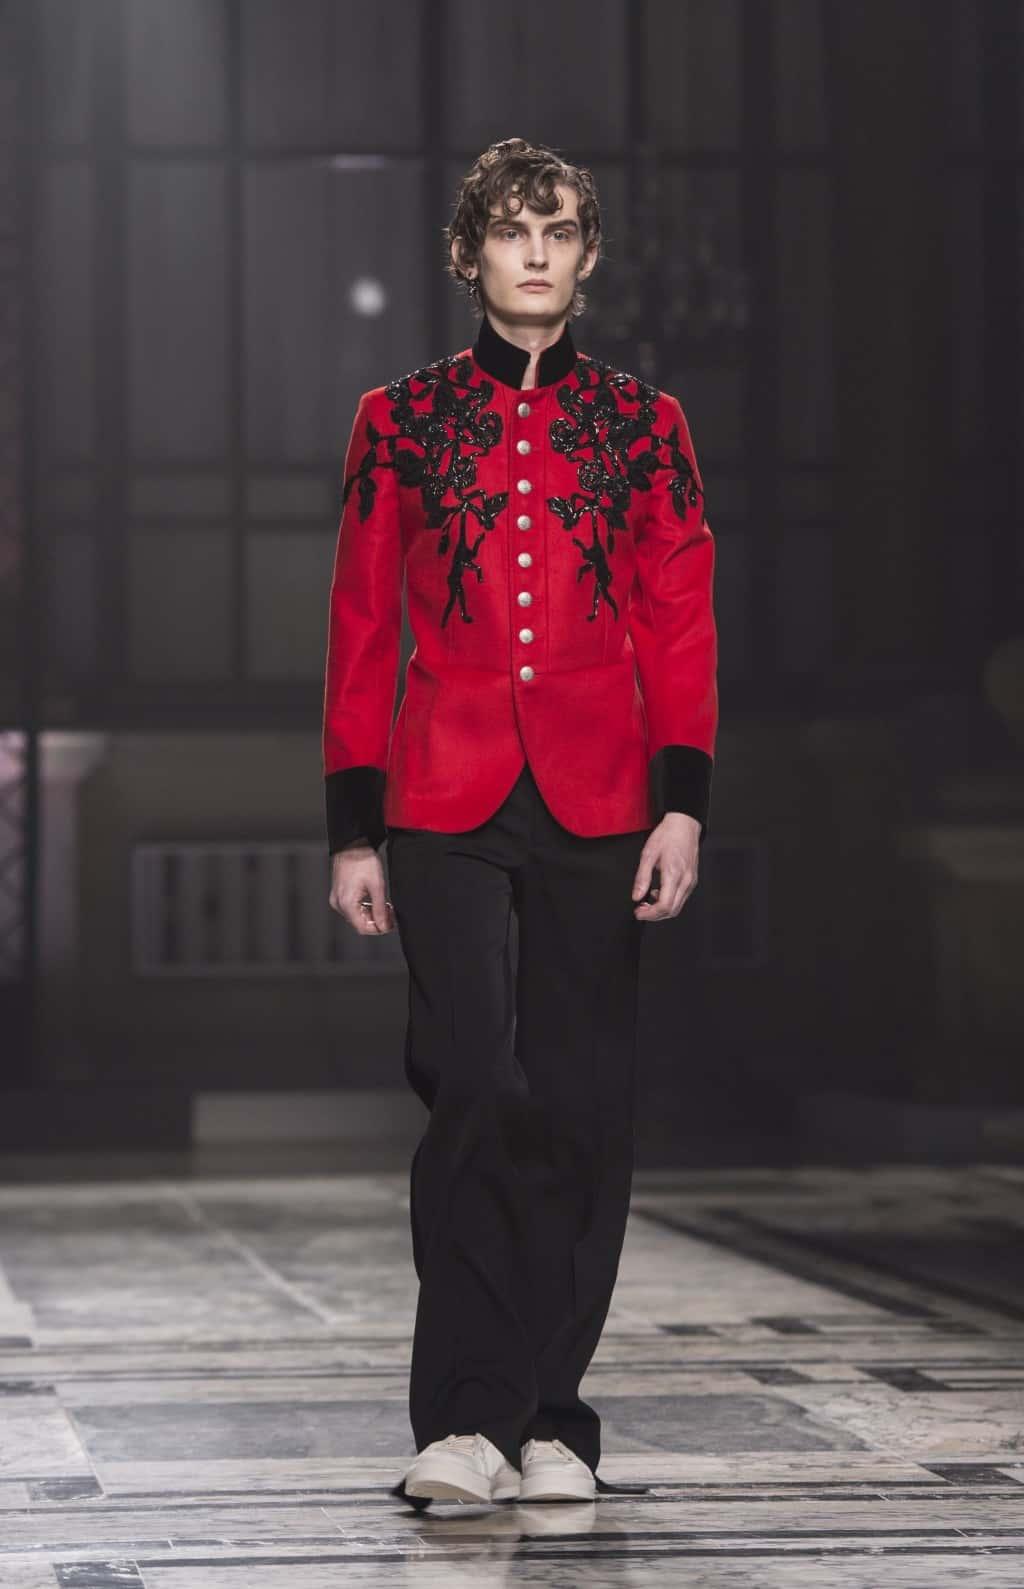 Fashion pa jobs london 29